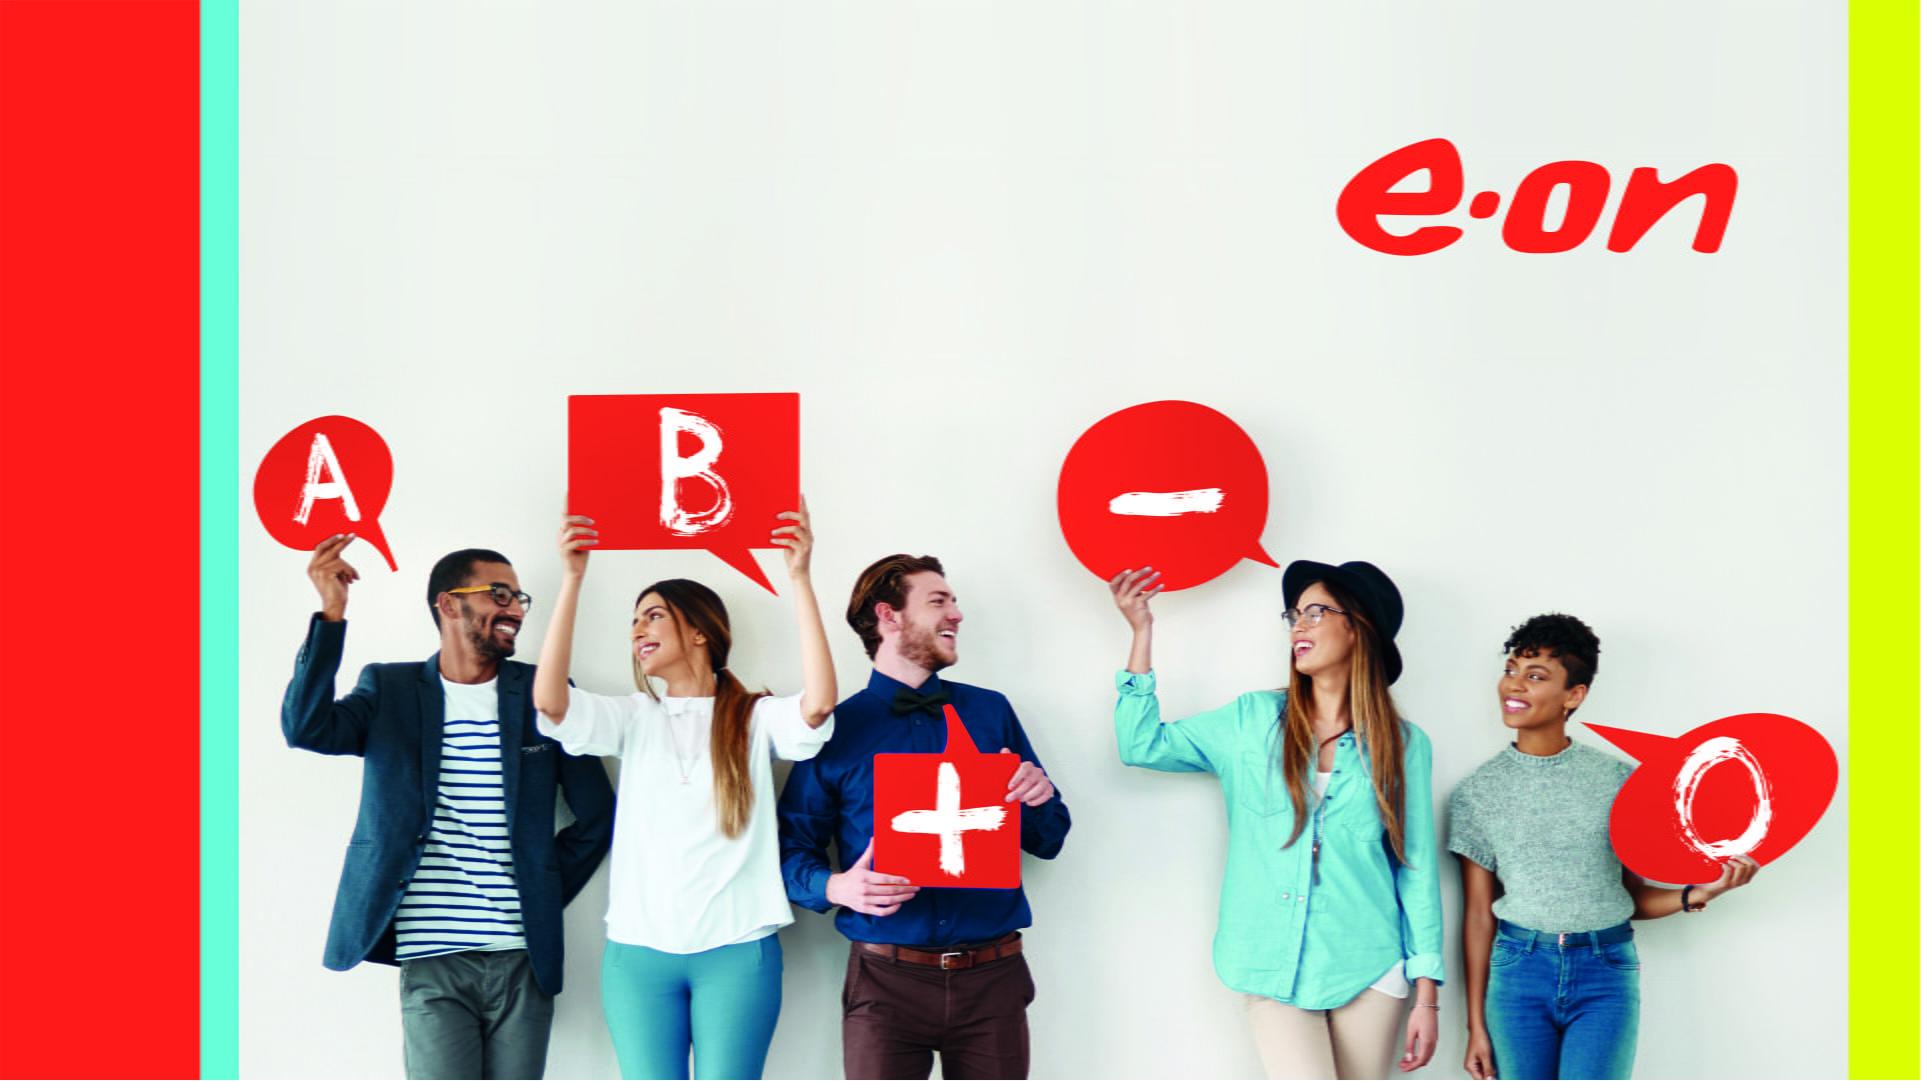 E.ON elimină litera O din numele companiei, pentru a încuraja donarea de sânge